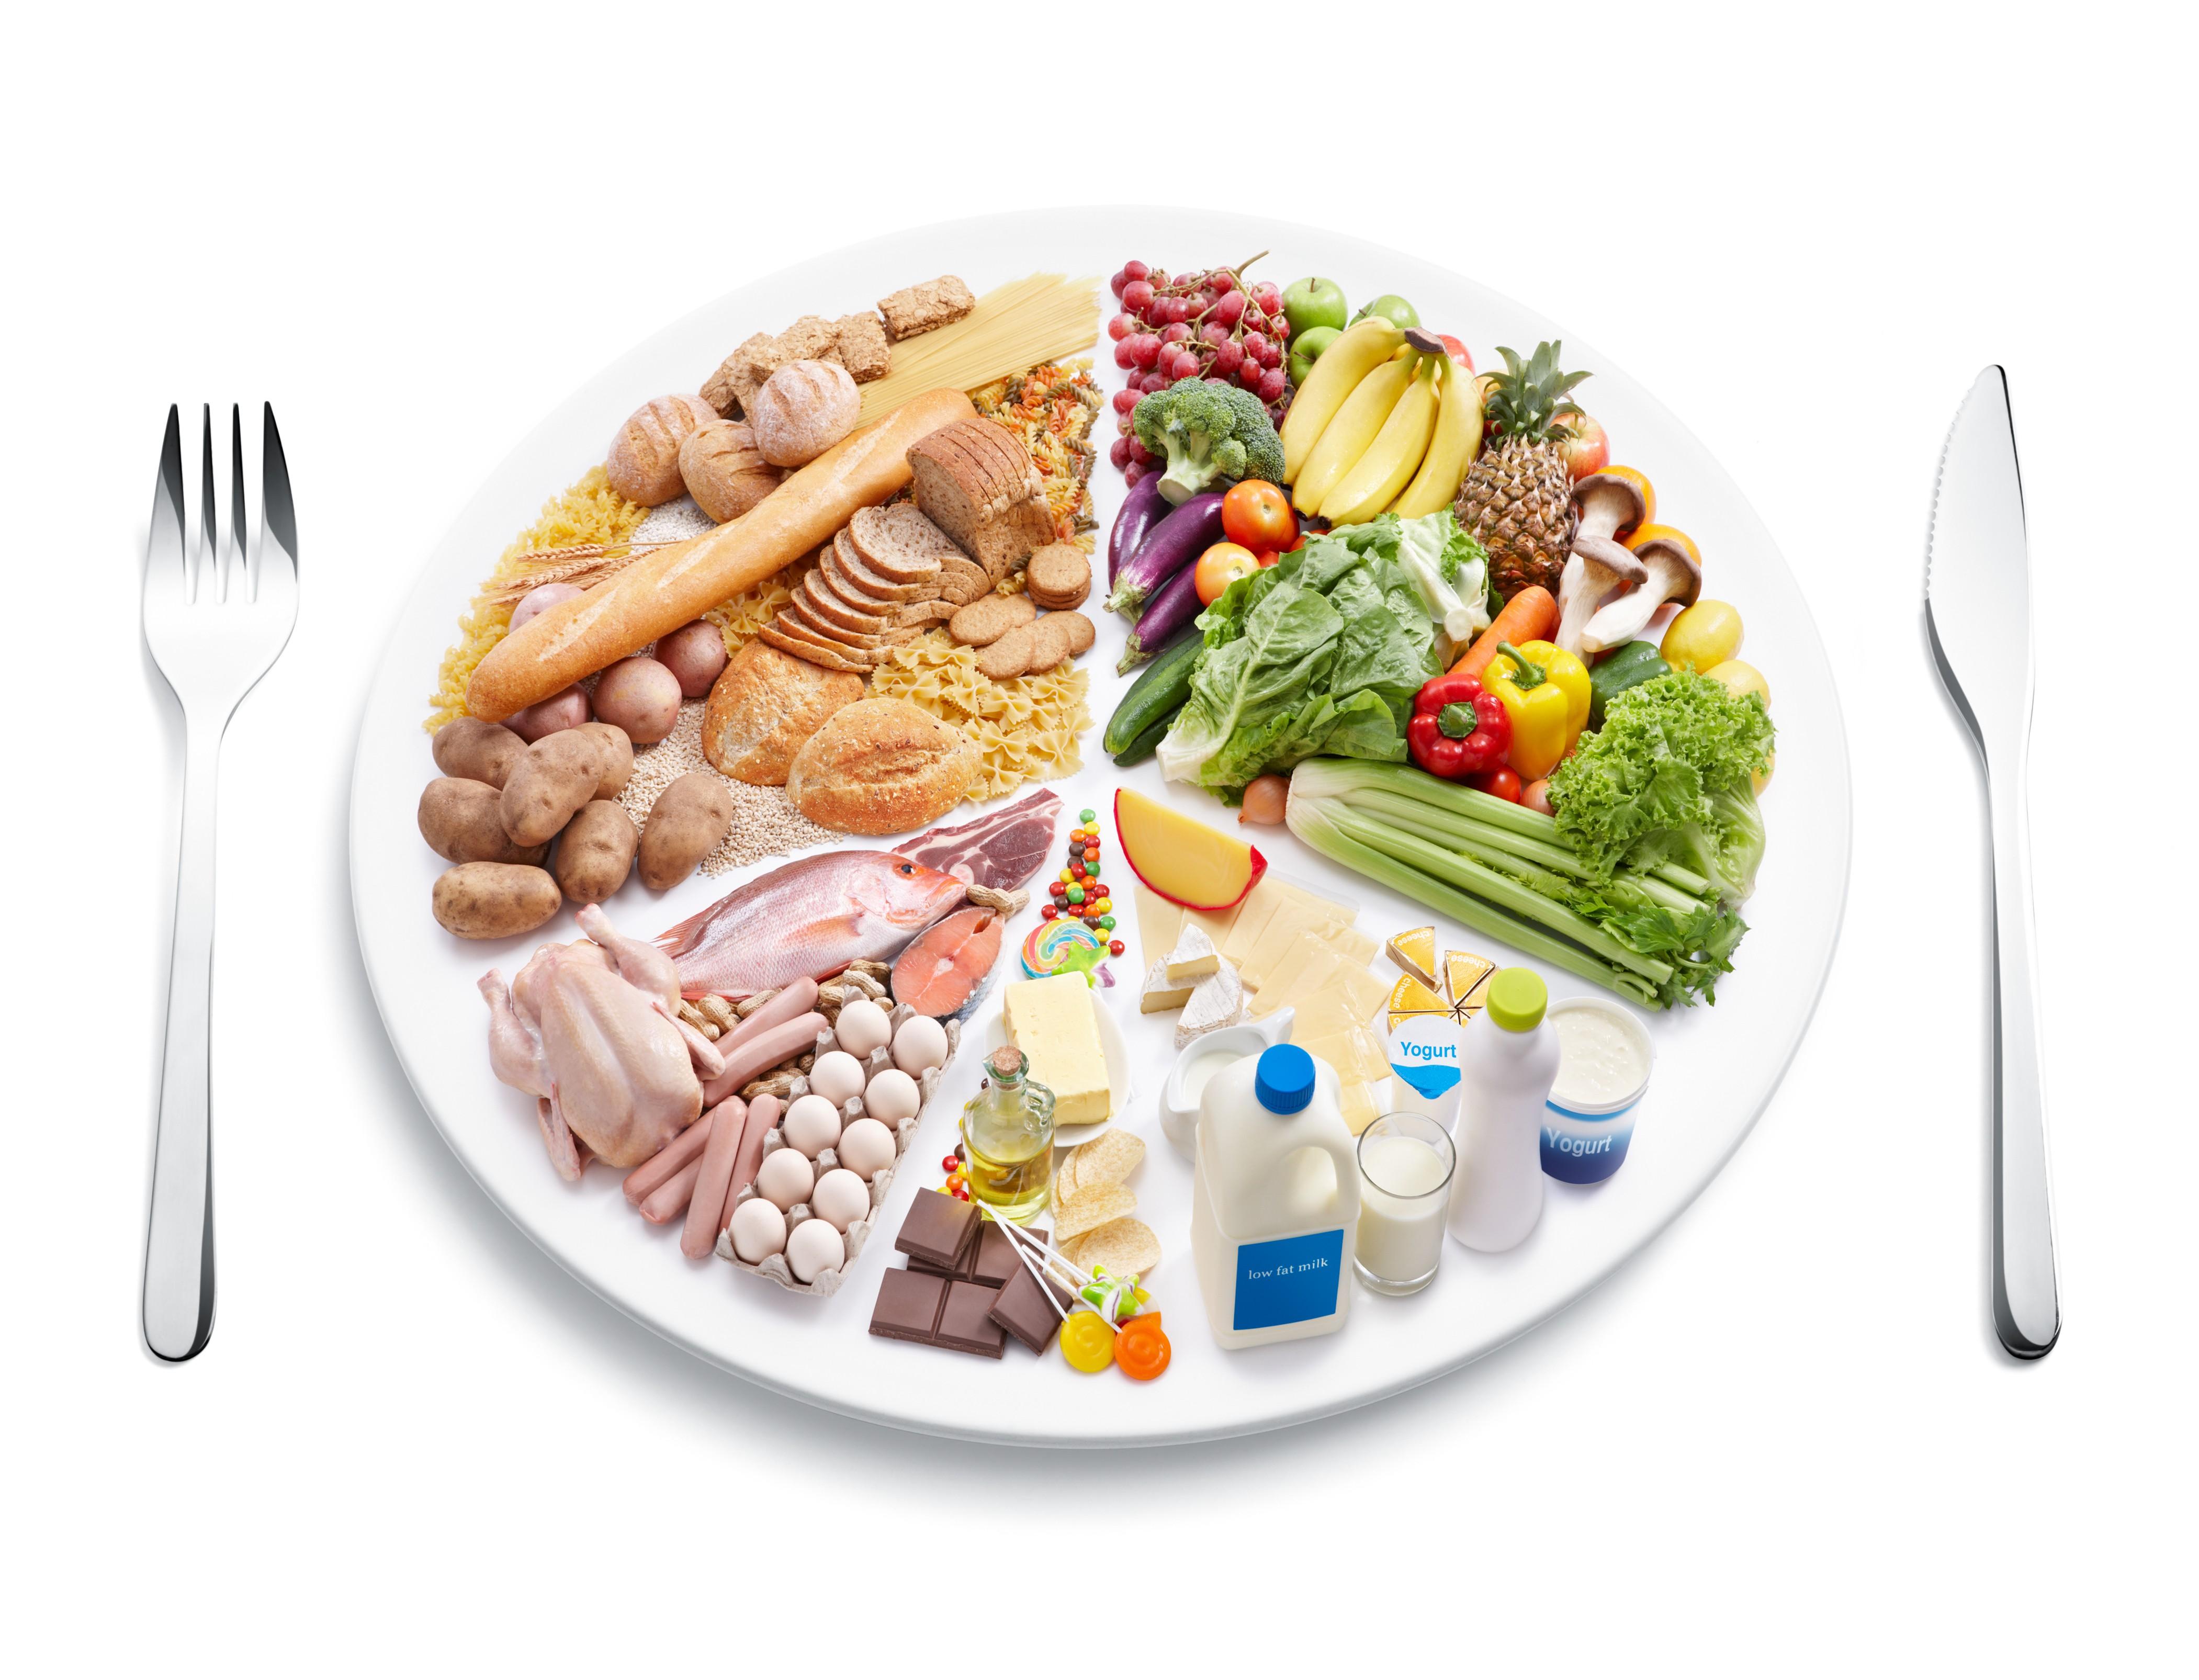 принципы питания для похудения ног